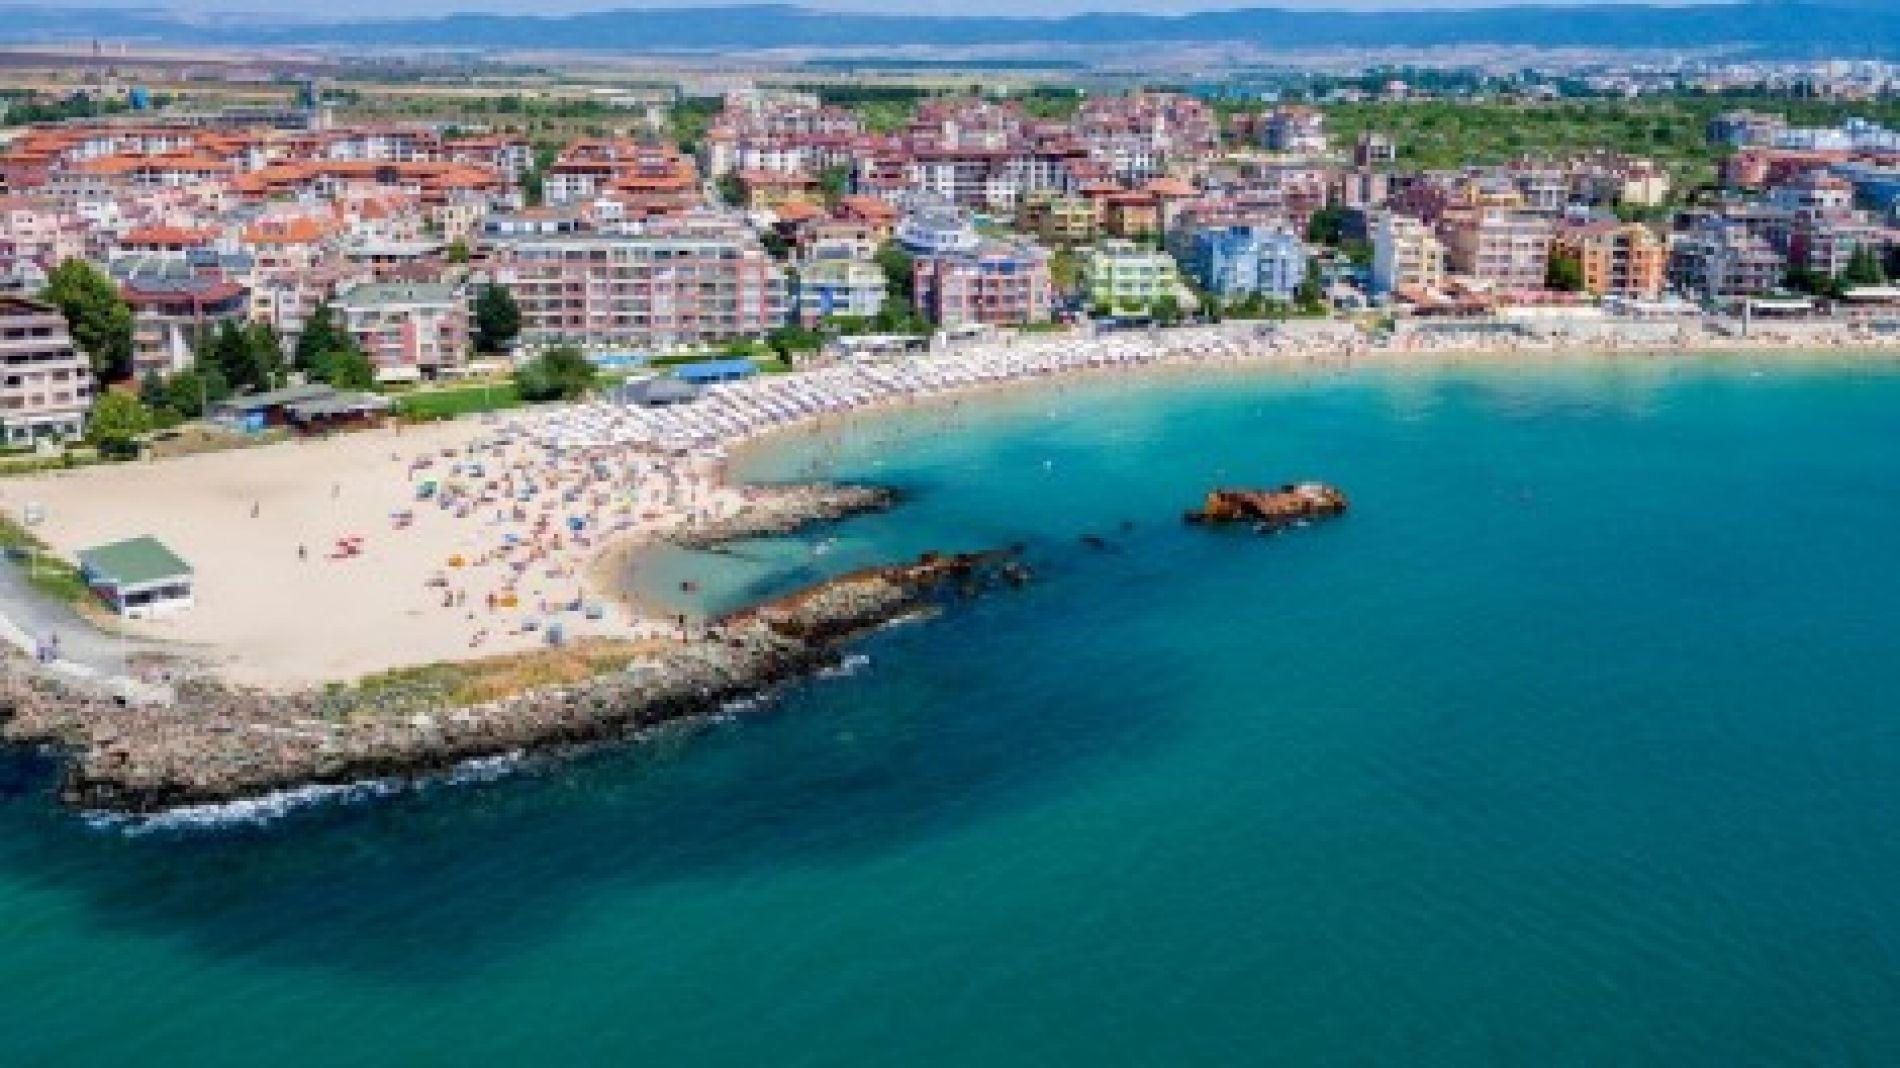 Многочисленные закрытые объекты на берегу Черного моря, россияне массово продают свои дома